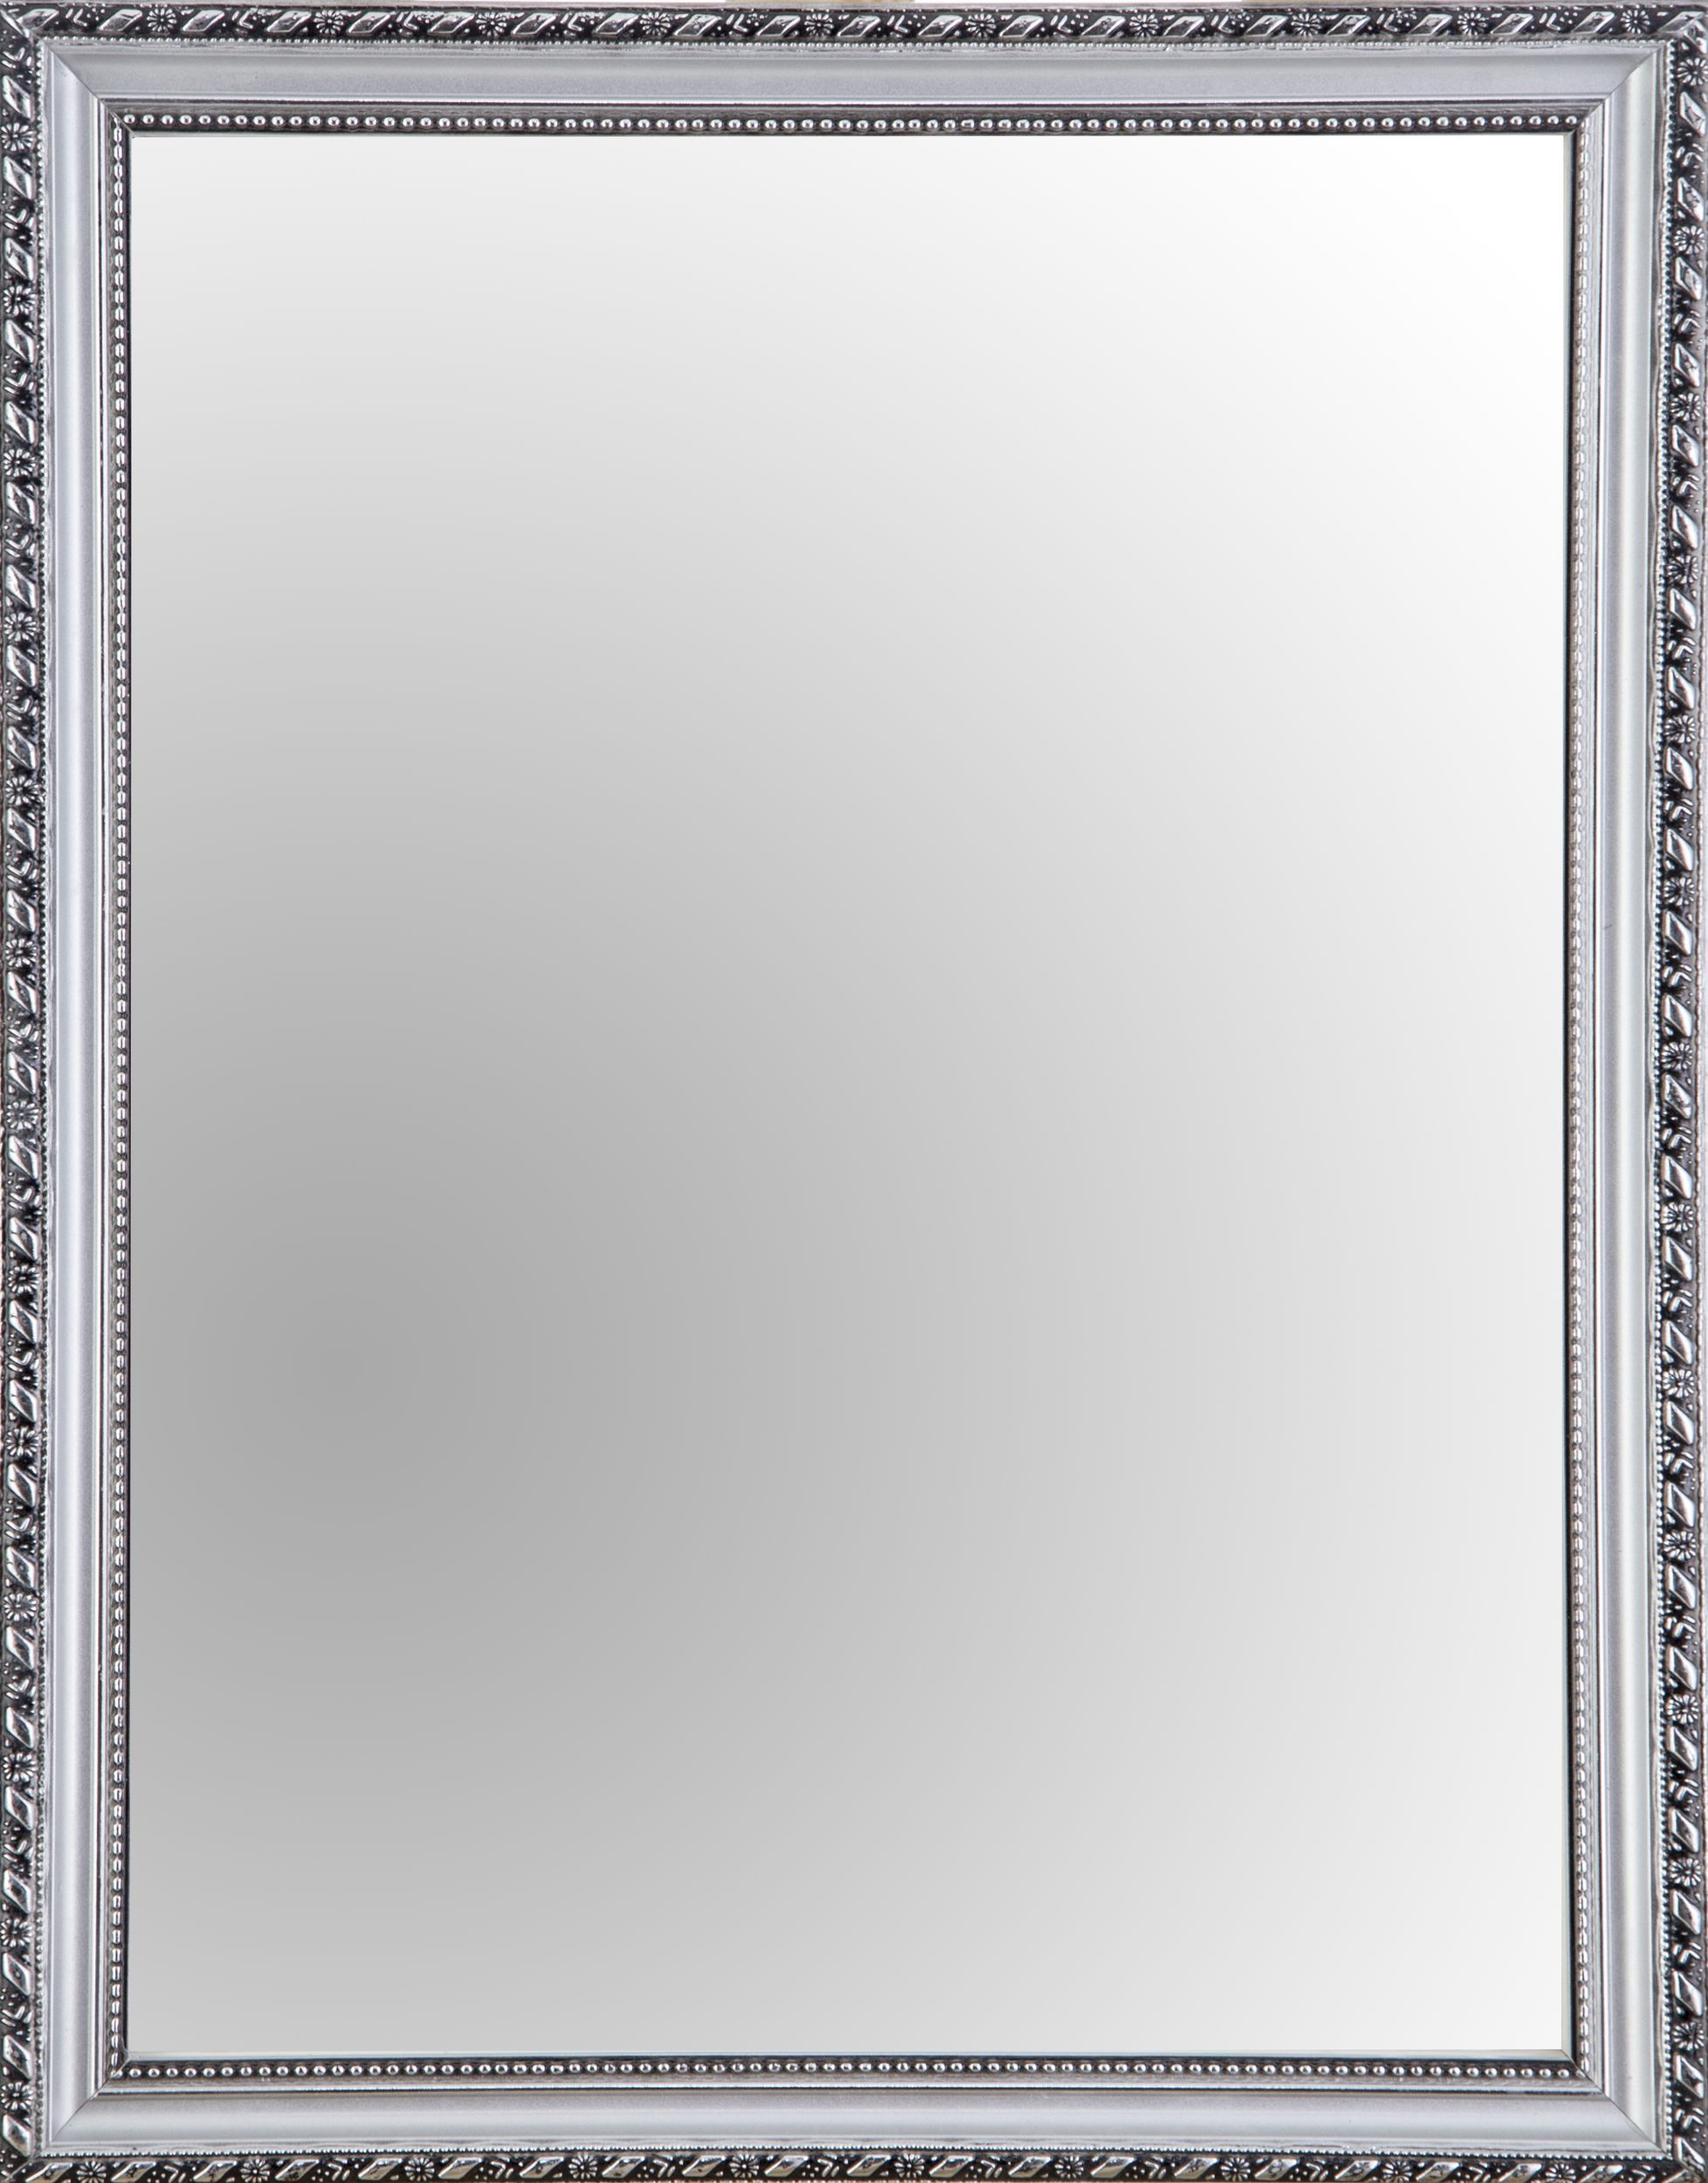 Rahmenspiegel 34x45cm  LISA